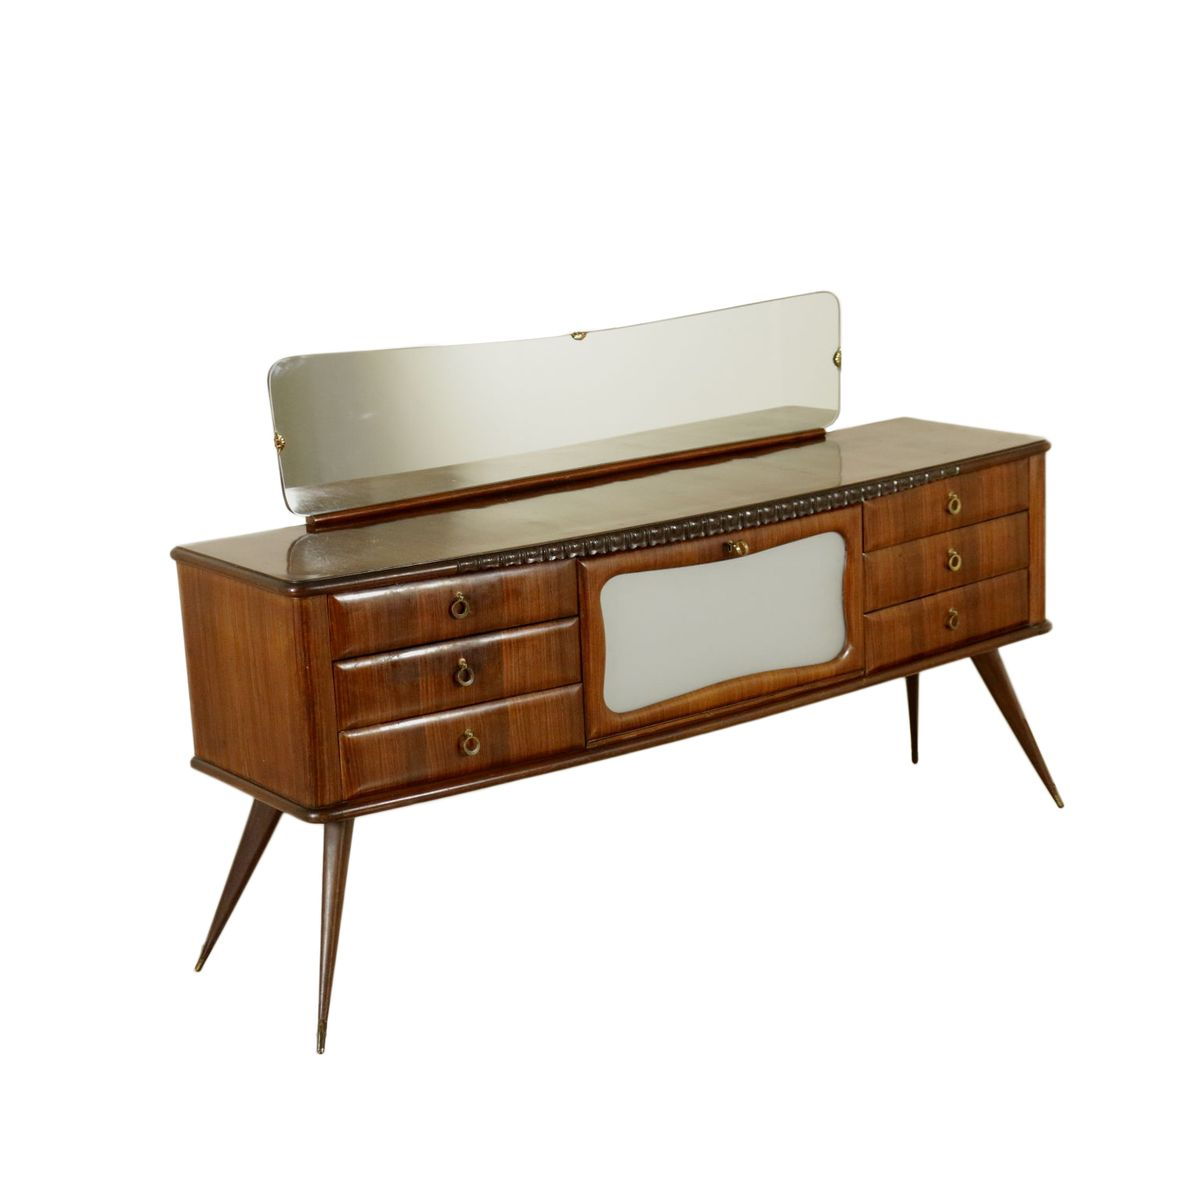 italienisches palisander furnier sideboard mit spiegel 1950er bei pamono kaufen. Black Bedroom Furniture Sets. Home Design Ideas